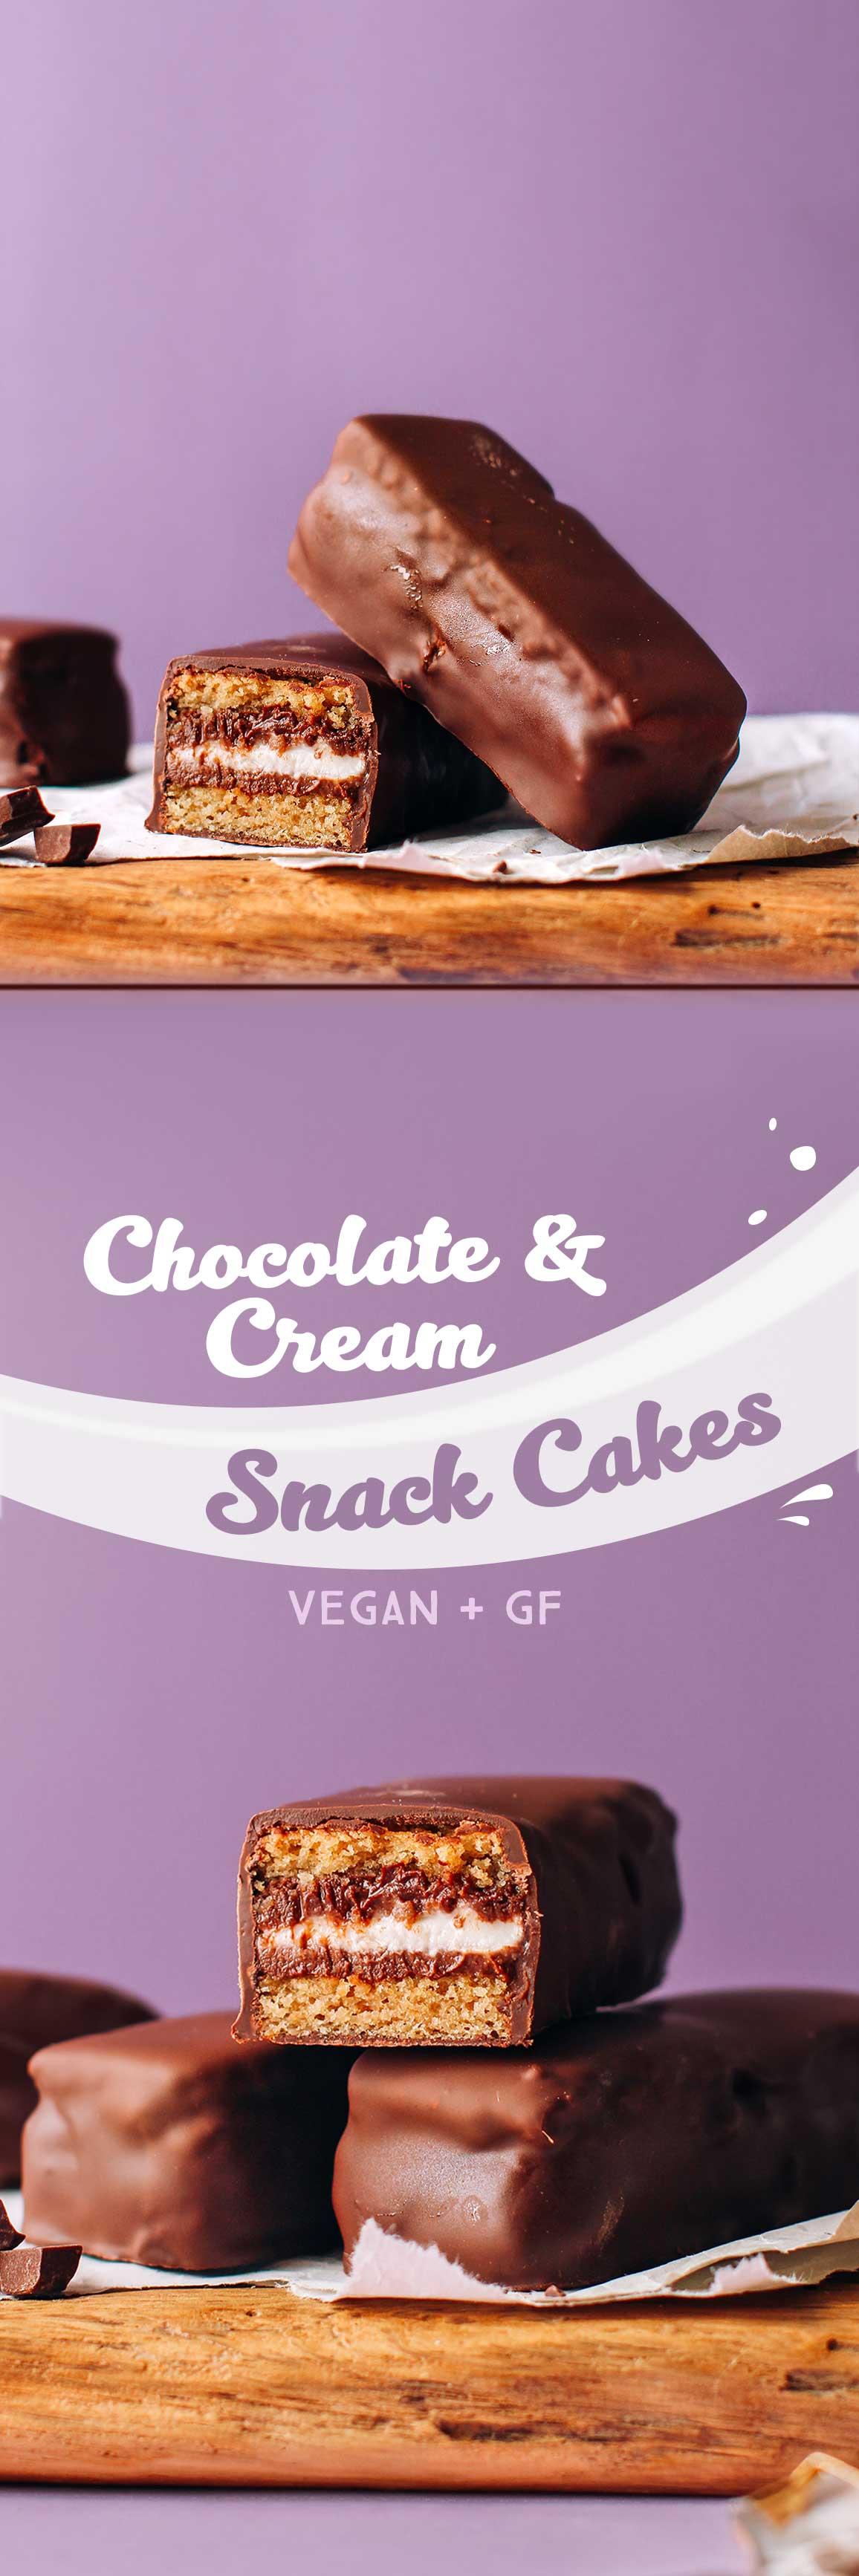 Tender Chocolate & Cream Cakes (Vegan + GF)